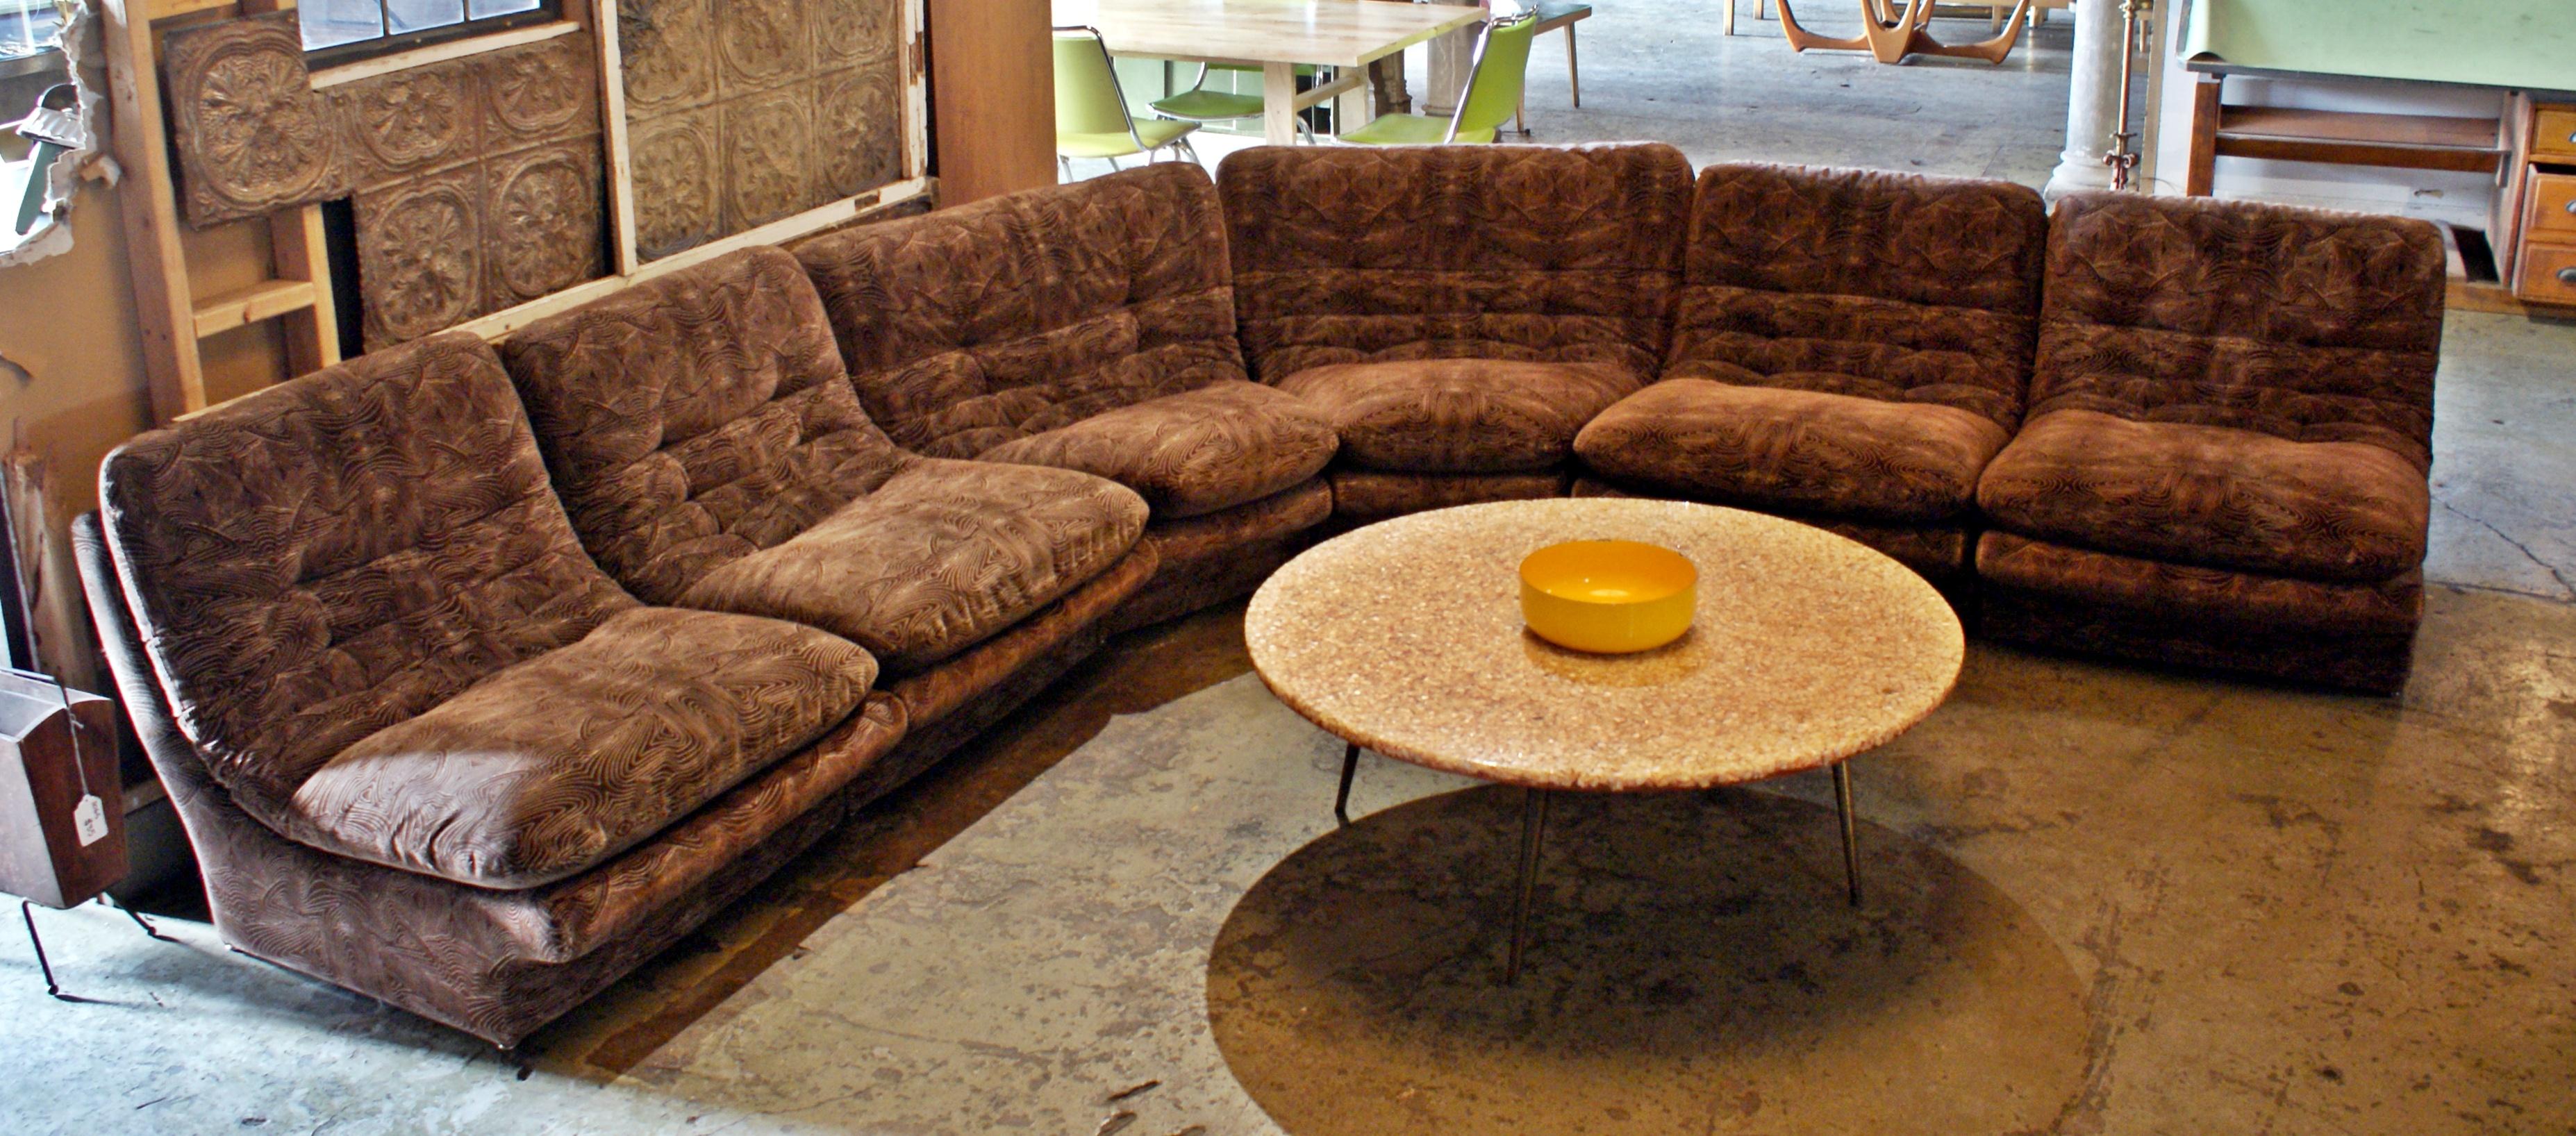 6 Piece Modular Sectional Sofa By Kagan